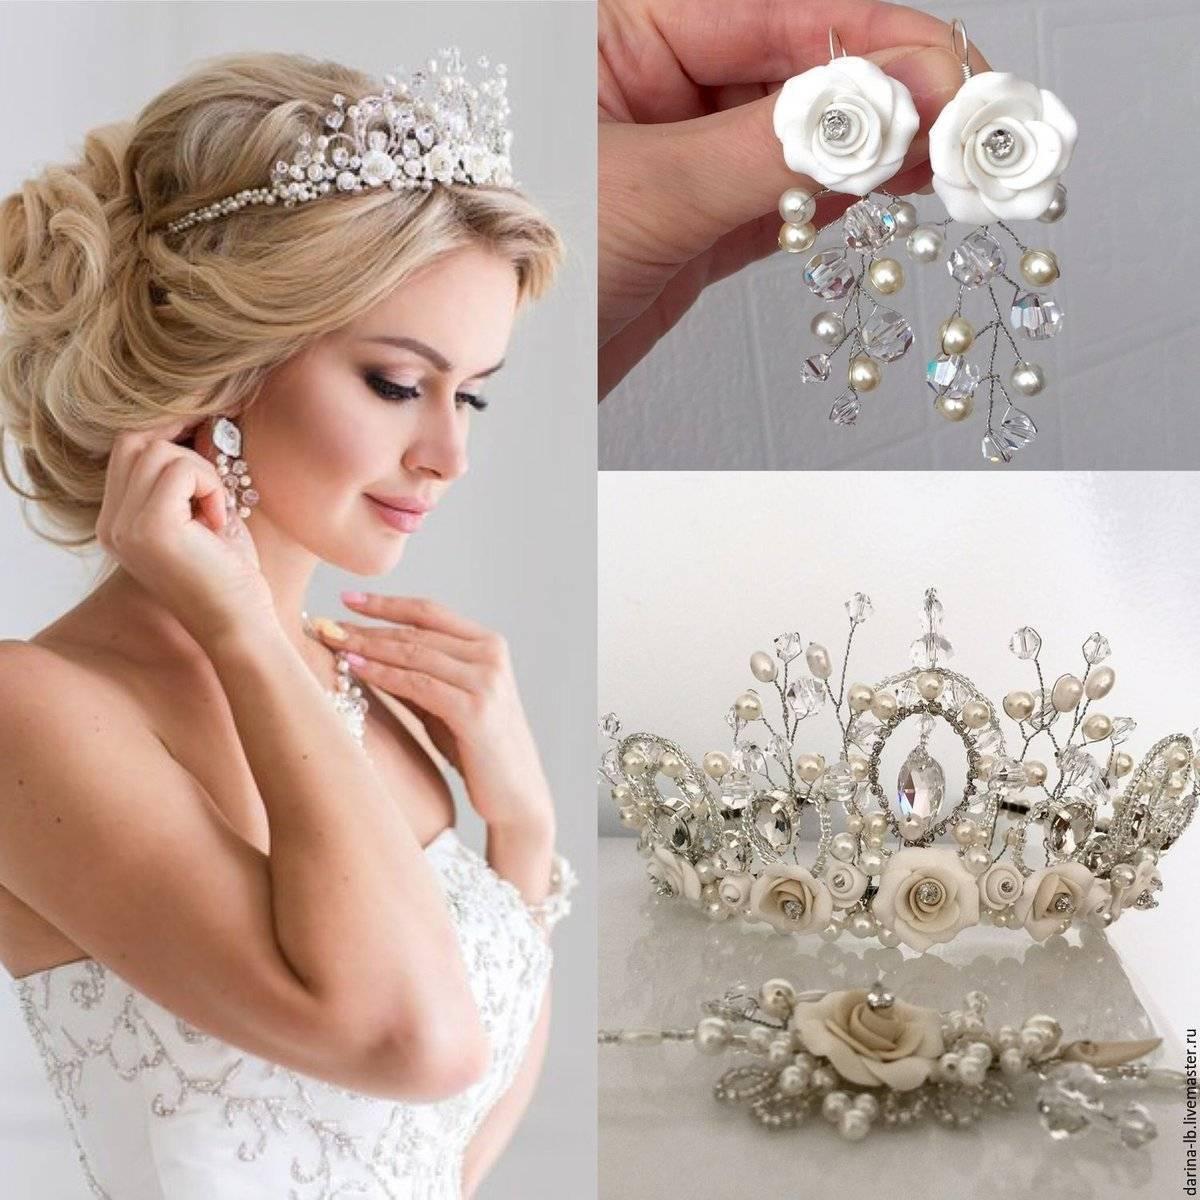 Свадебные украшения для невесты — расставляем акценты правильно